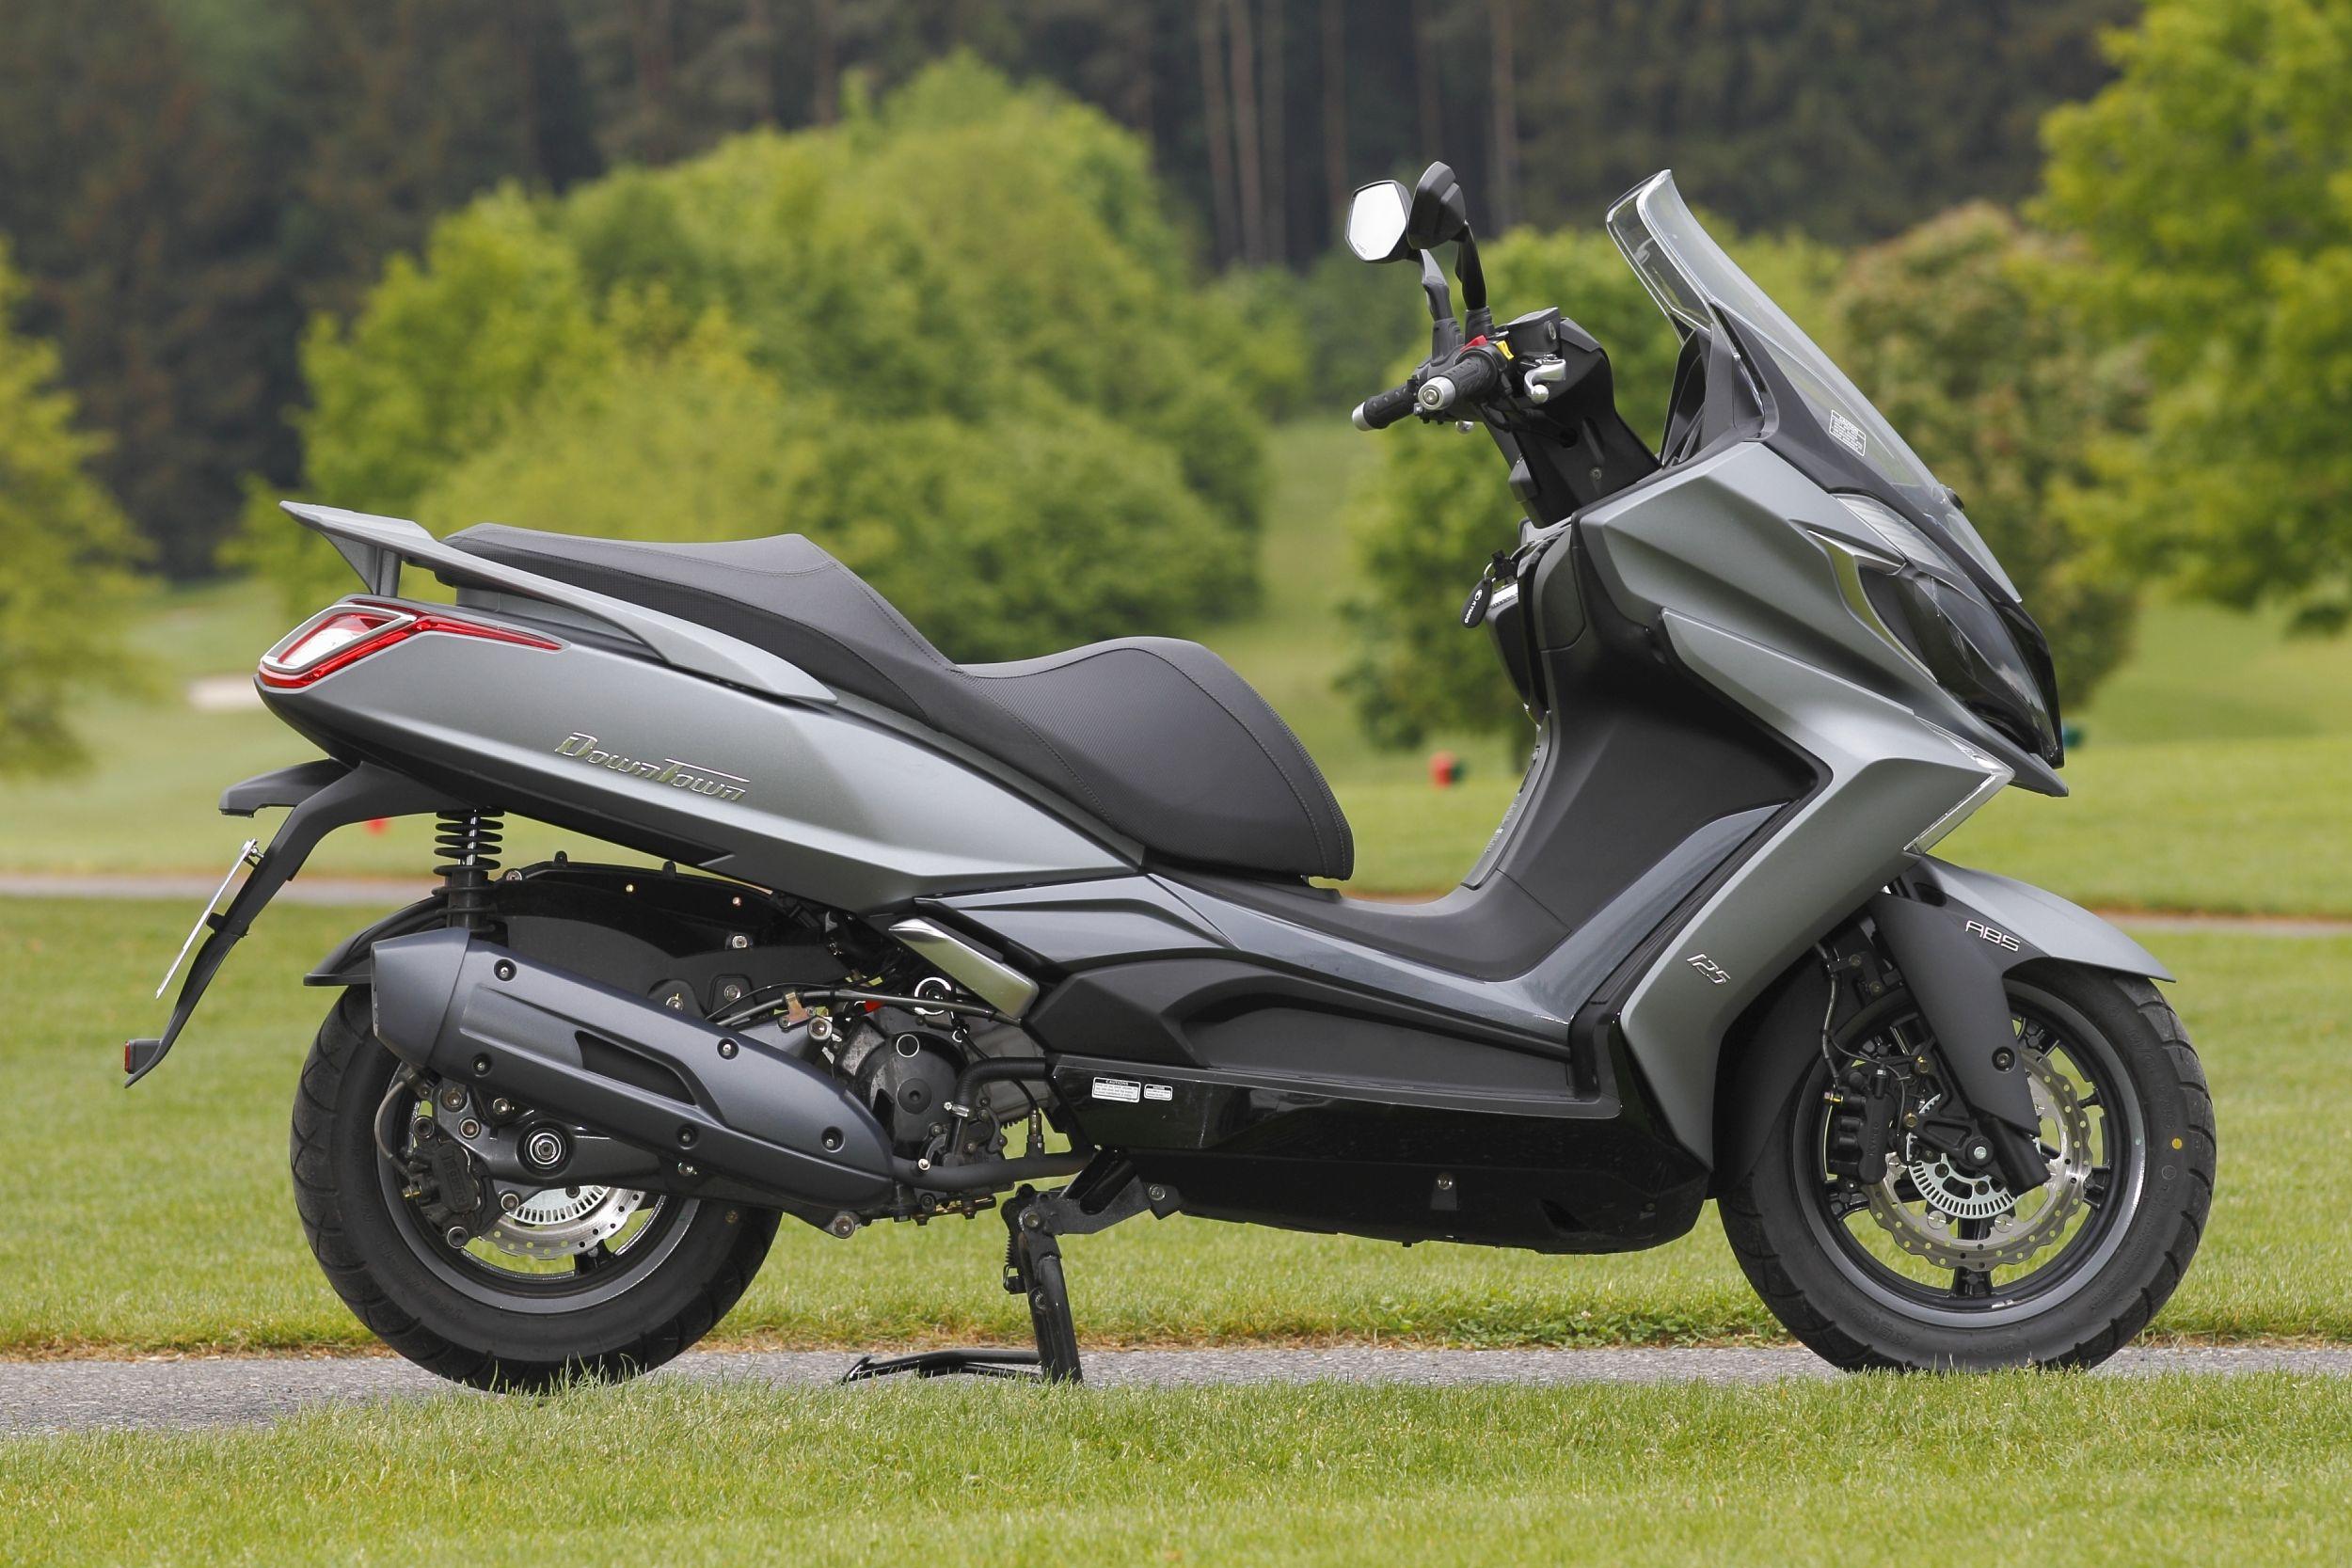 Gebrauchte und neue Kymco Downtown 125i Motorräder kaufen | 2500 x 1667 jpeg 517kB